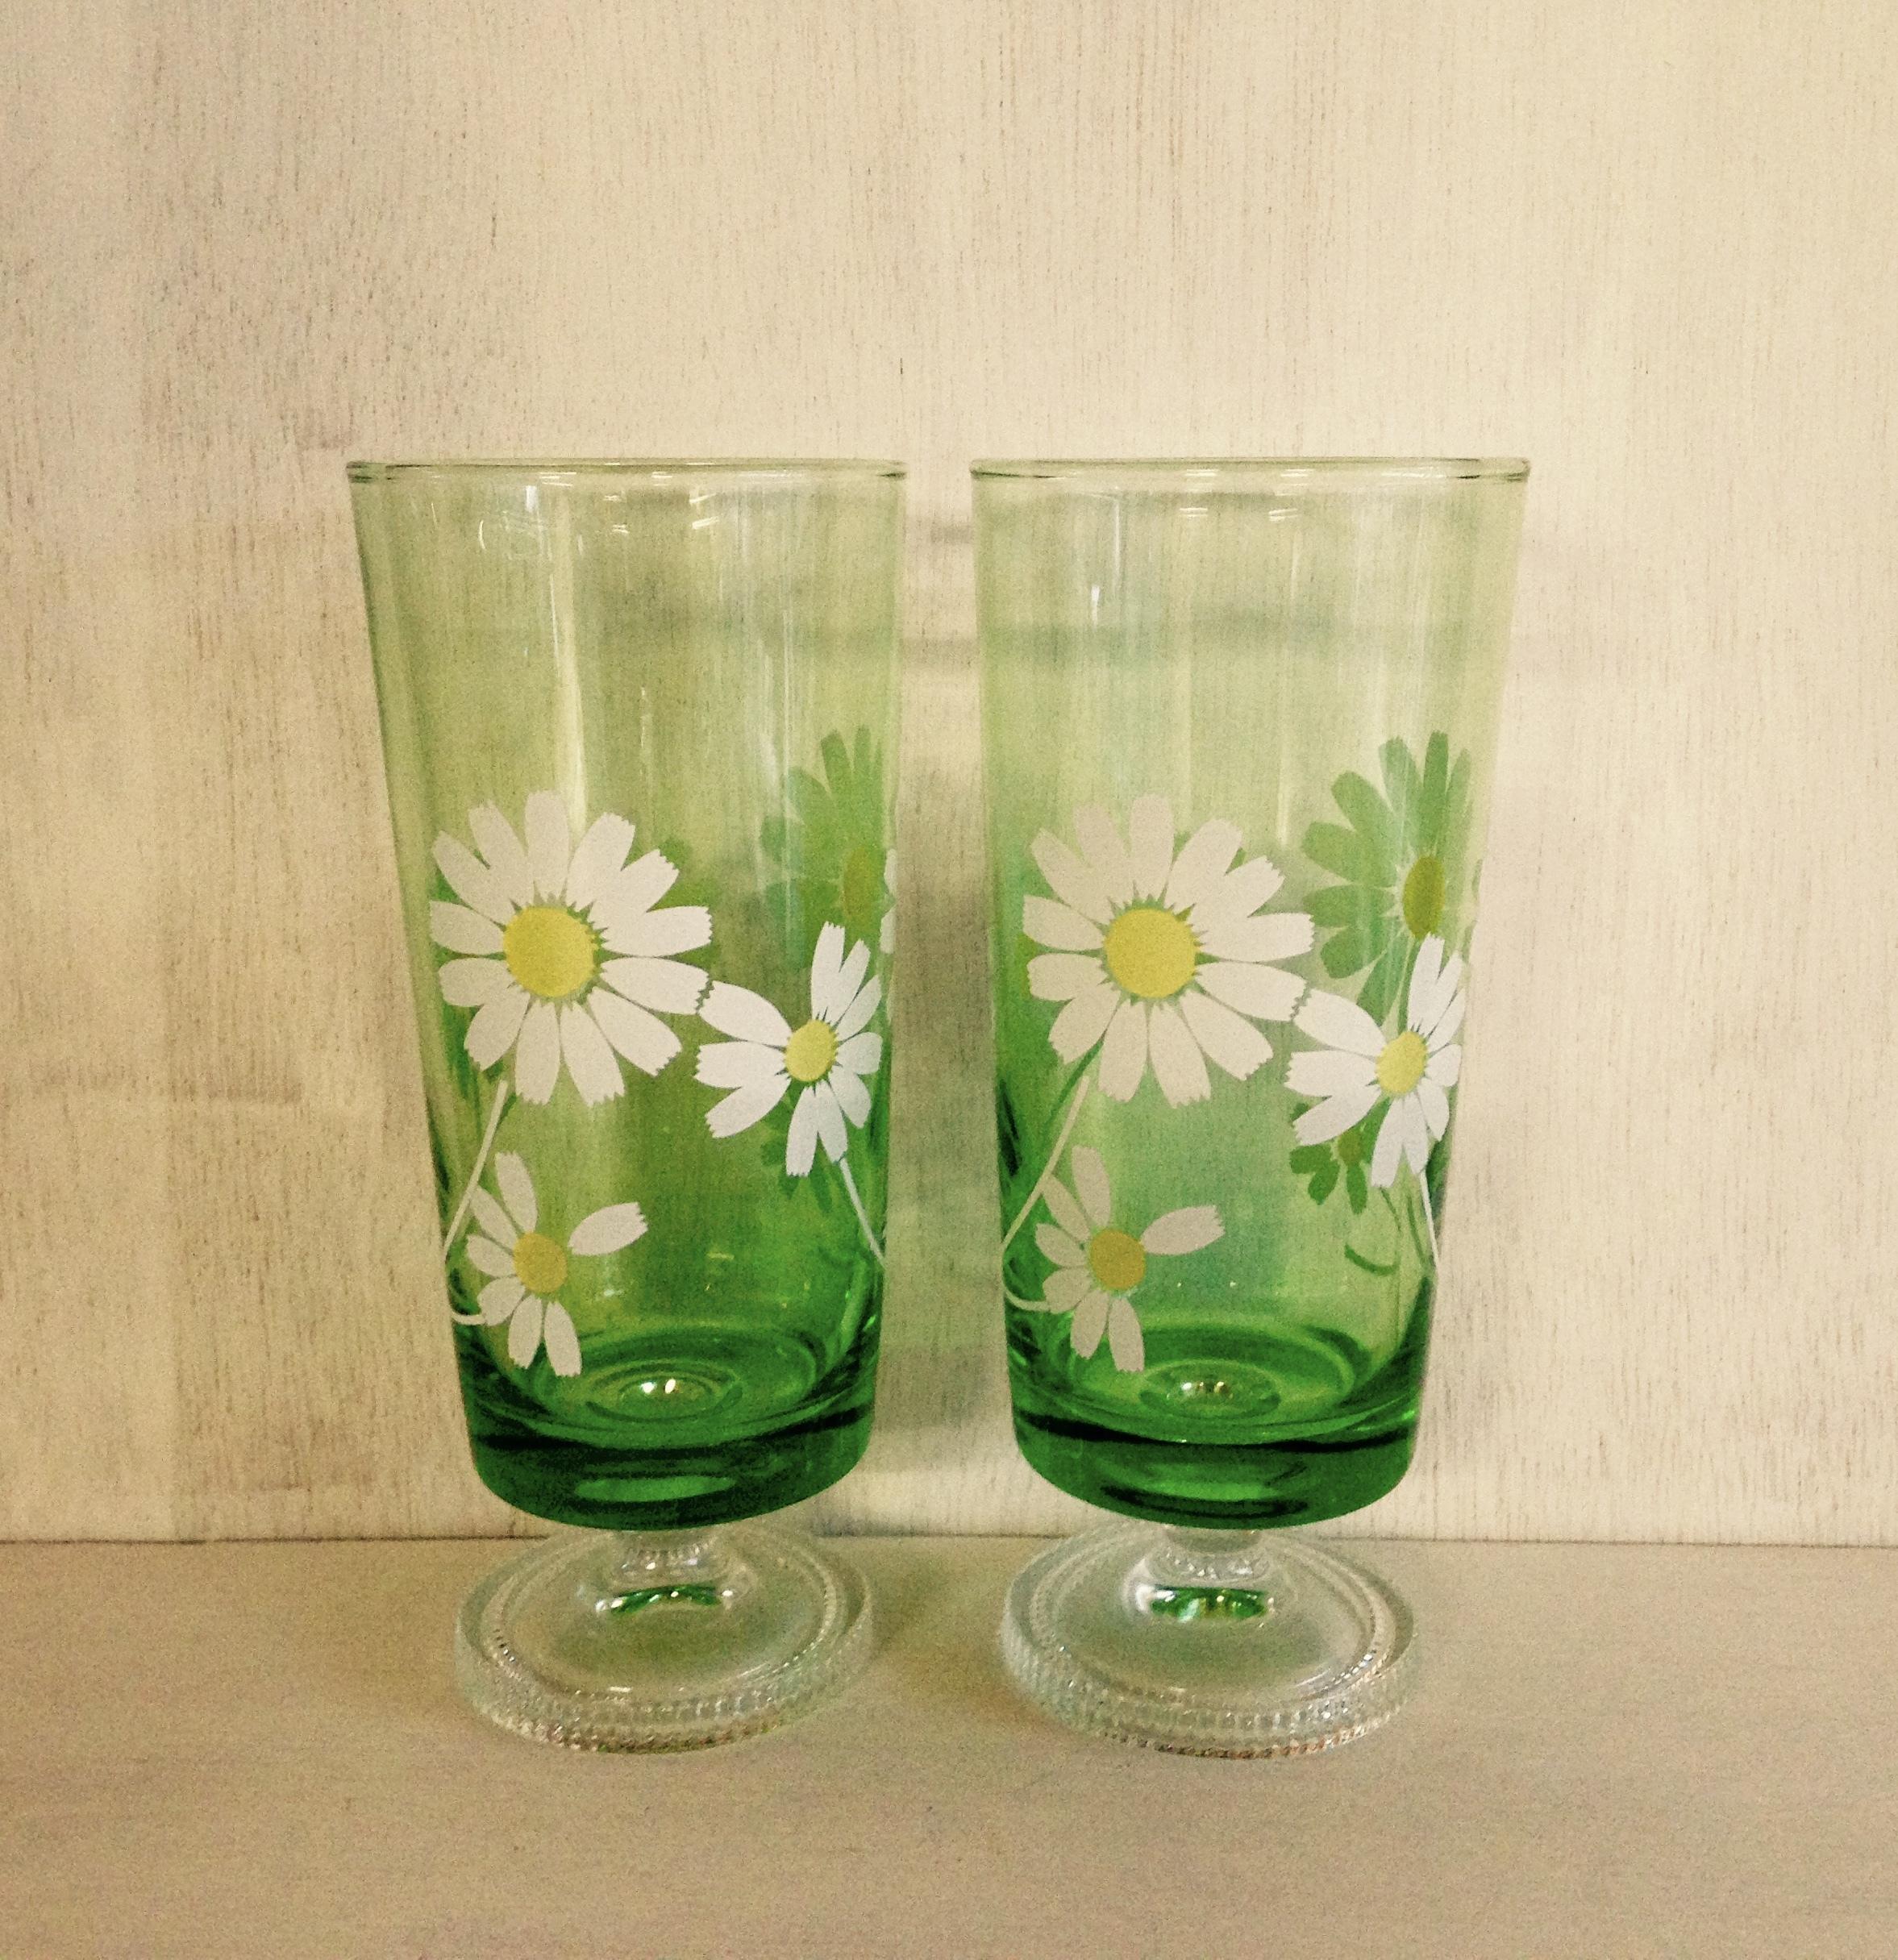 マーガレット模様の足付きグラス(アデリアガラス製)昭和レトロ